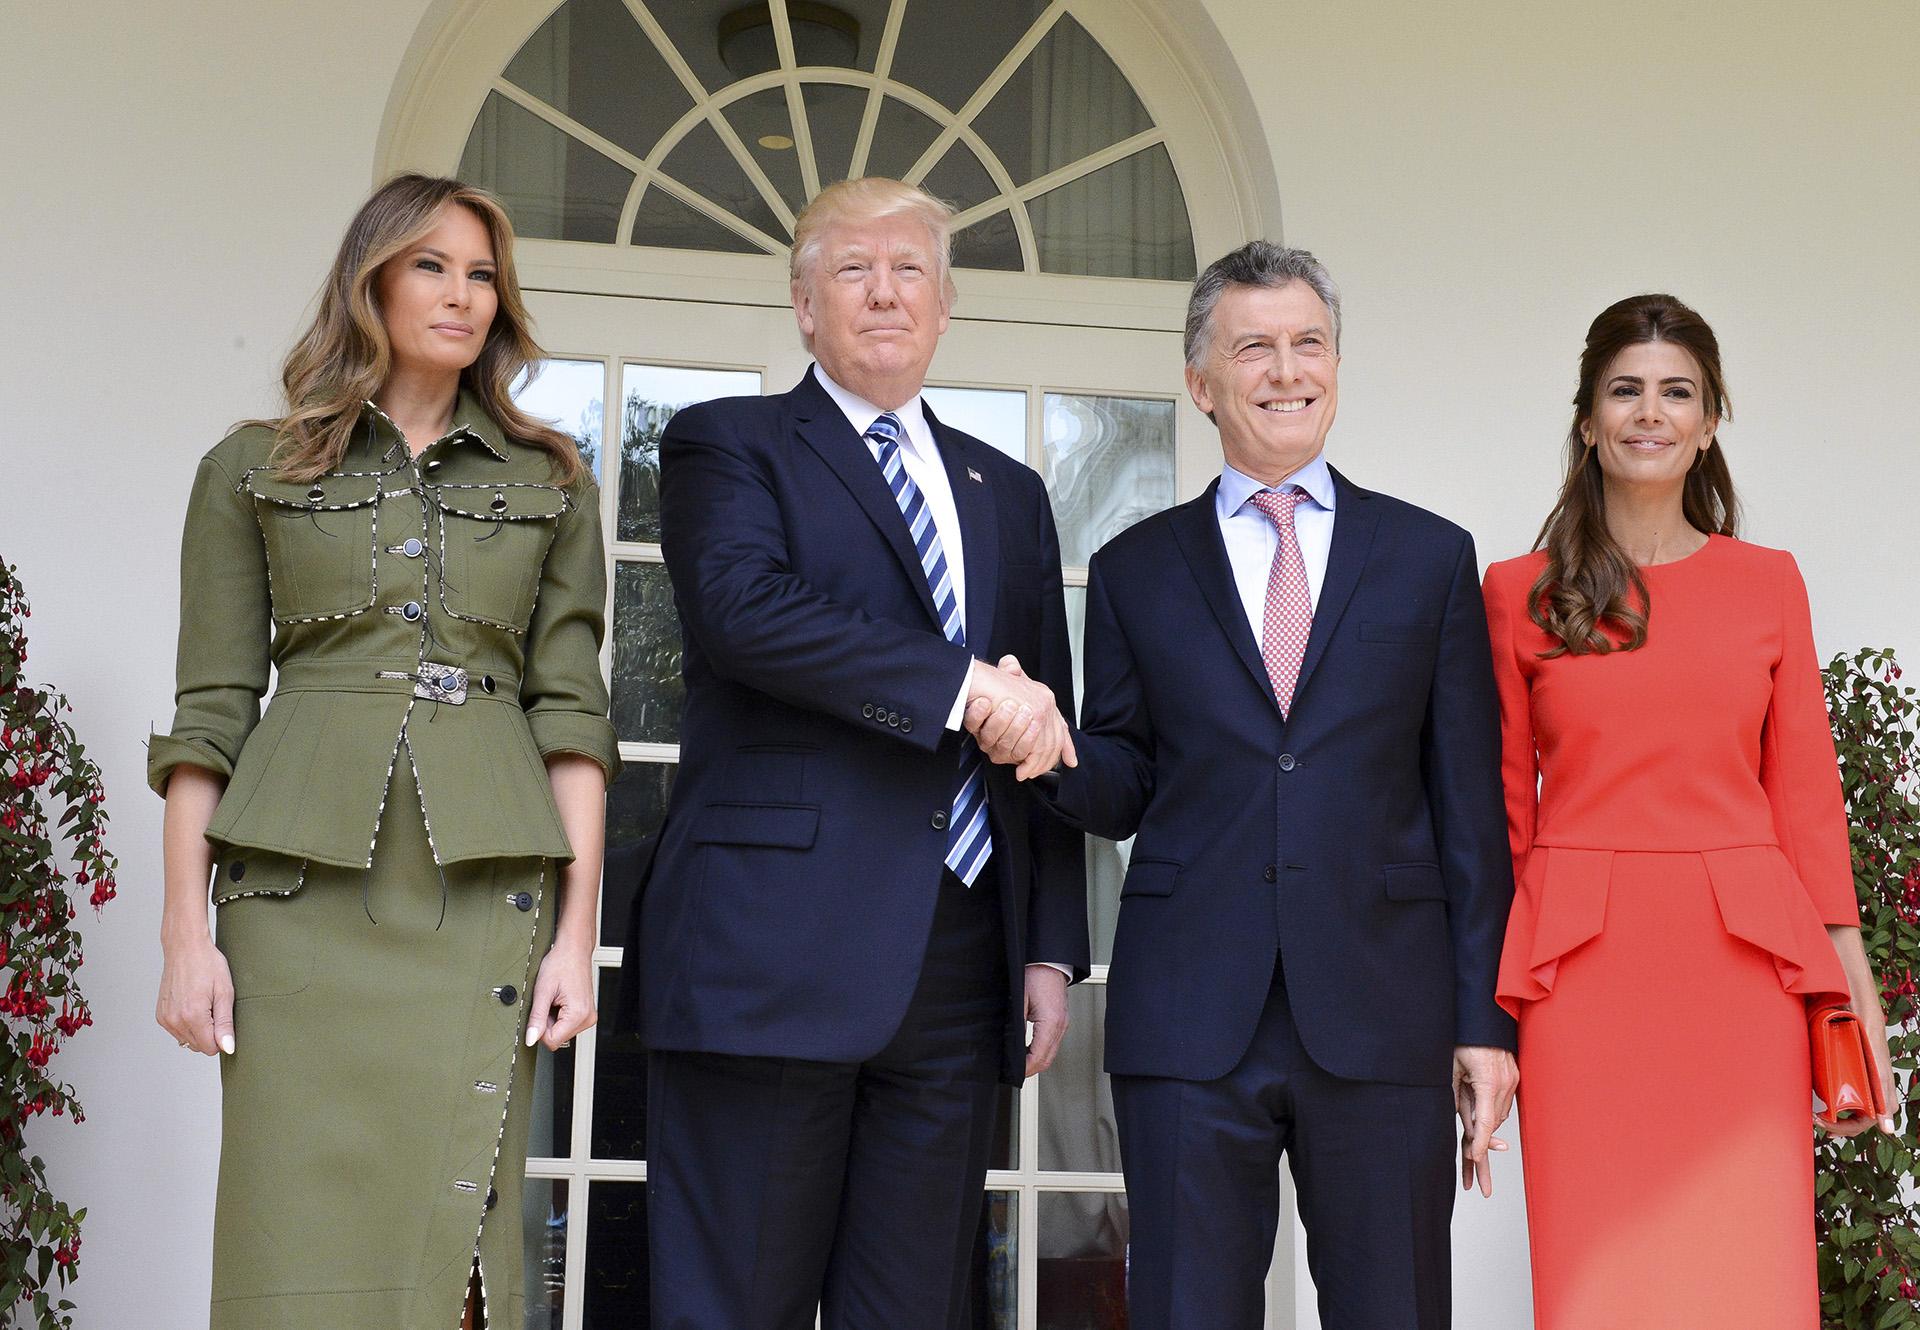 2017. Macri y Trump junto a sus respectivas esposas, Juliana y Melania, en la Casa Blanca.